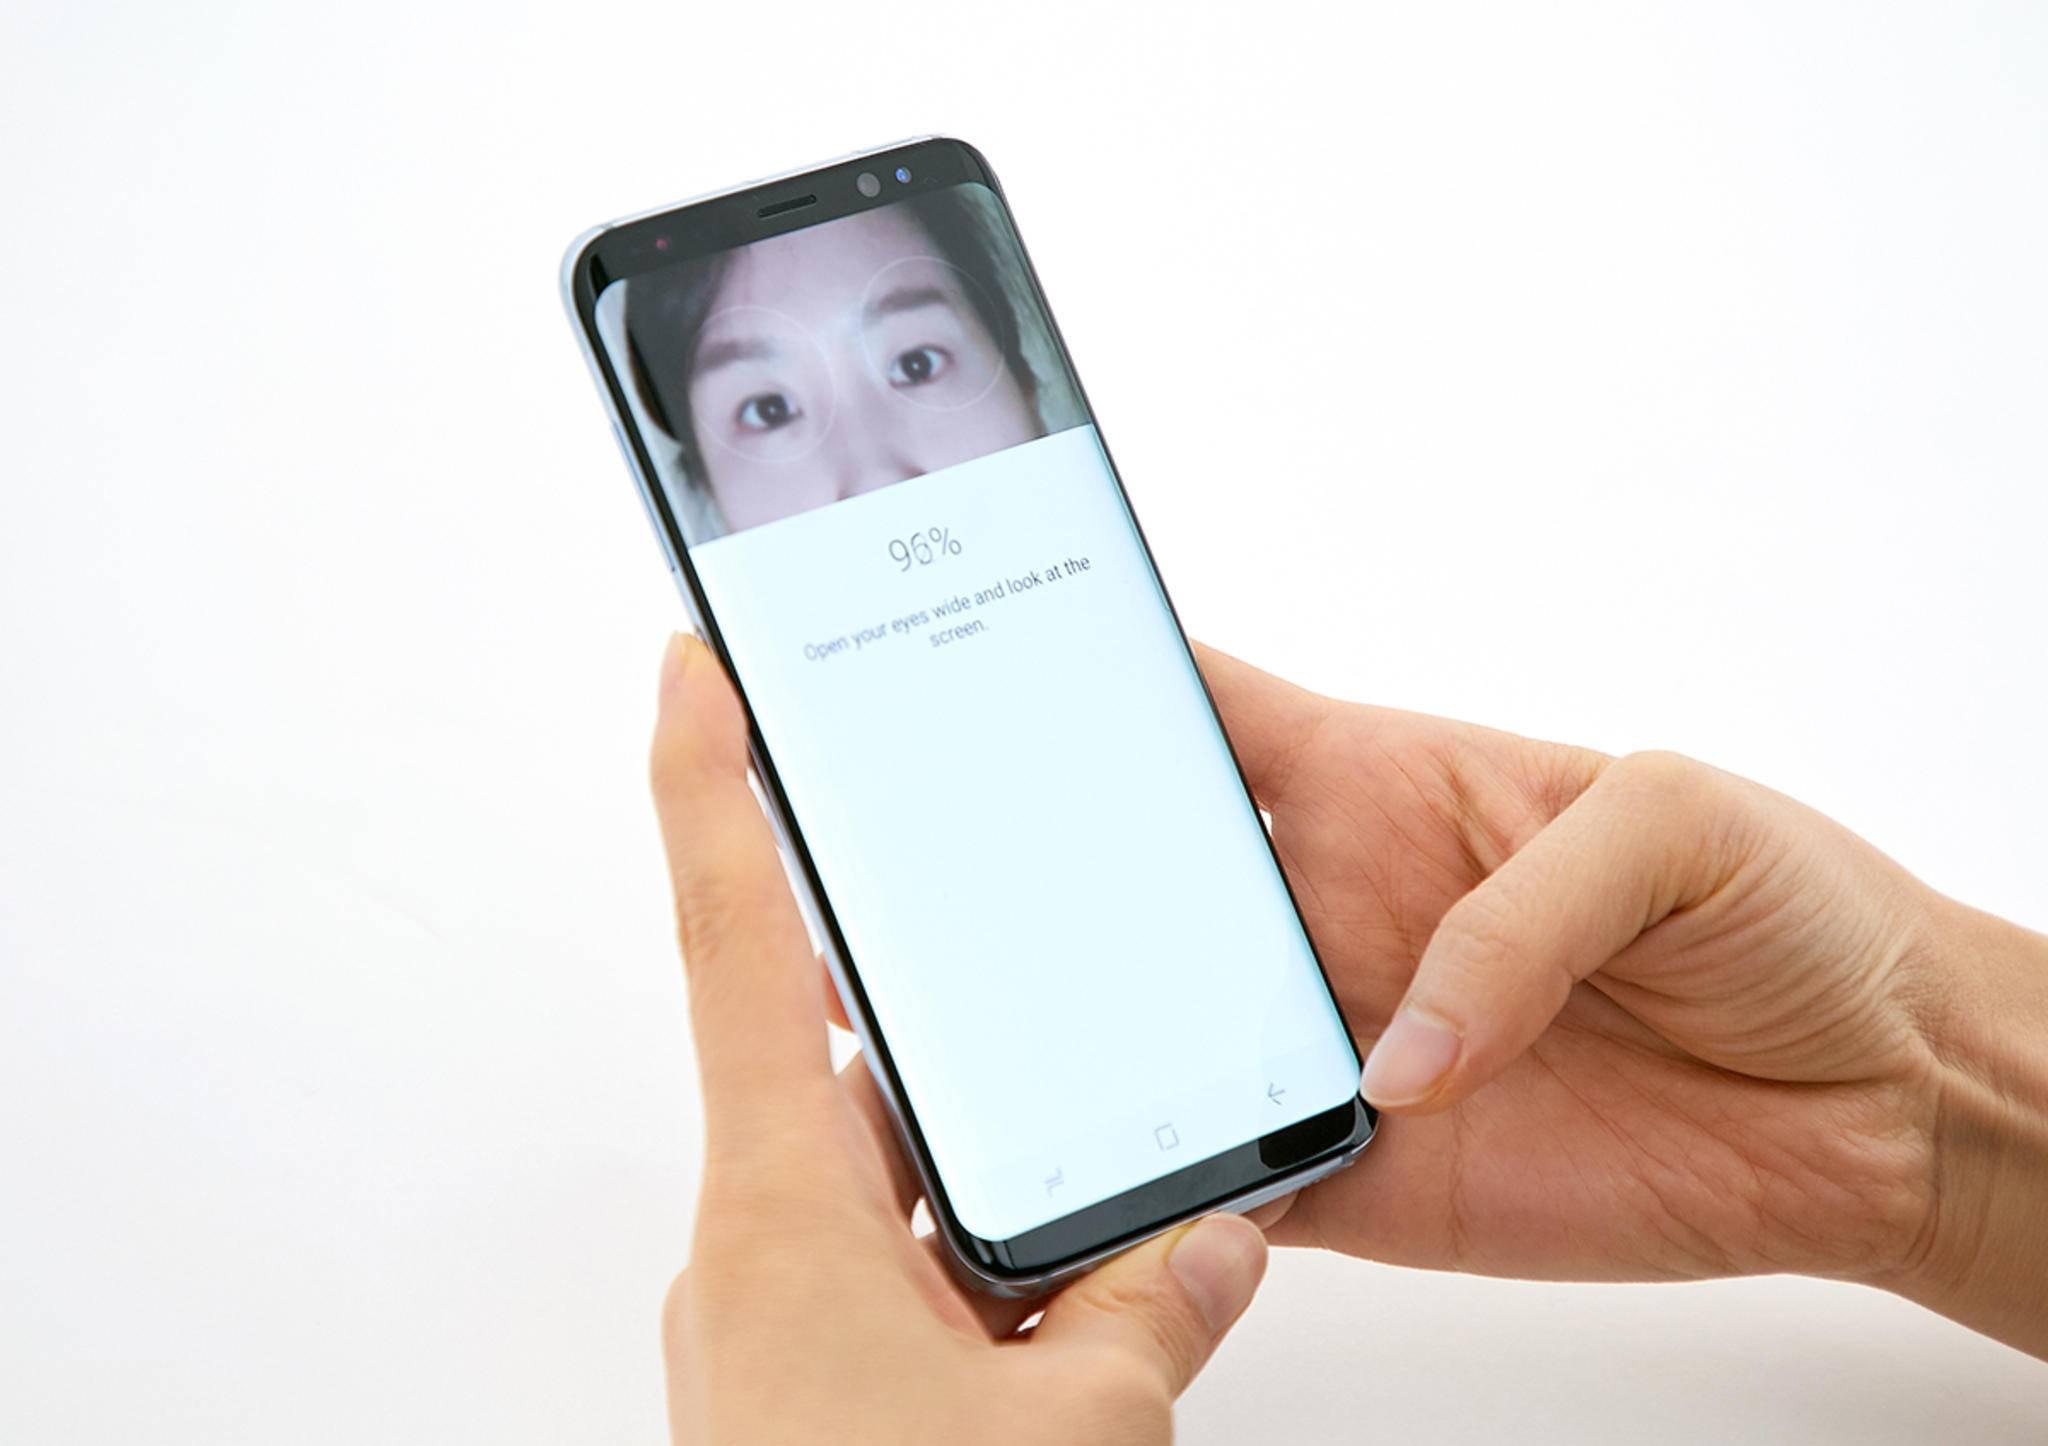 Neben dem Iris-Scan bietet das Galaxy S8 auch die Gesichtserkennung als Weg zum Entsperren des Smartphones an.